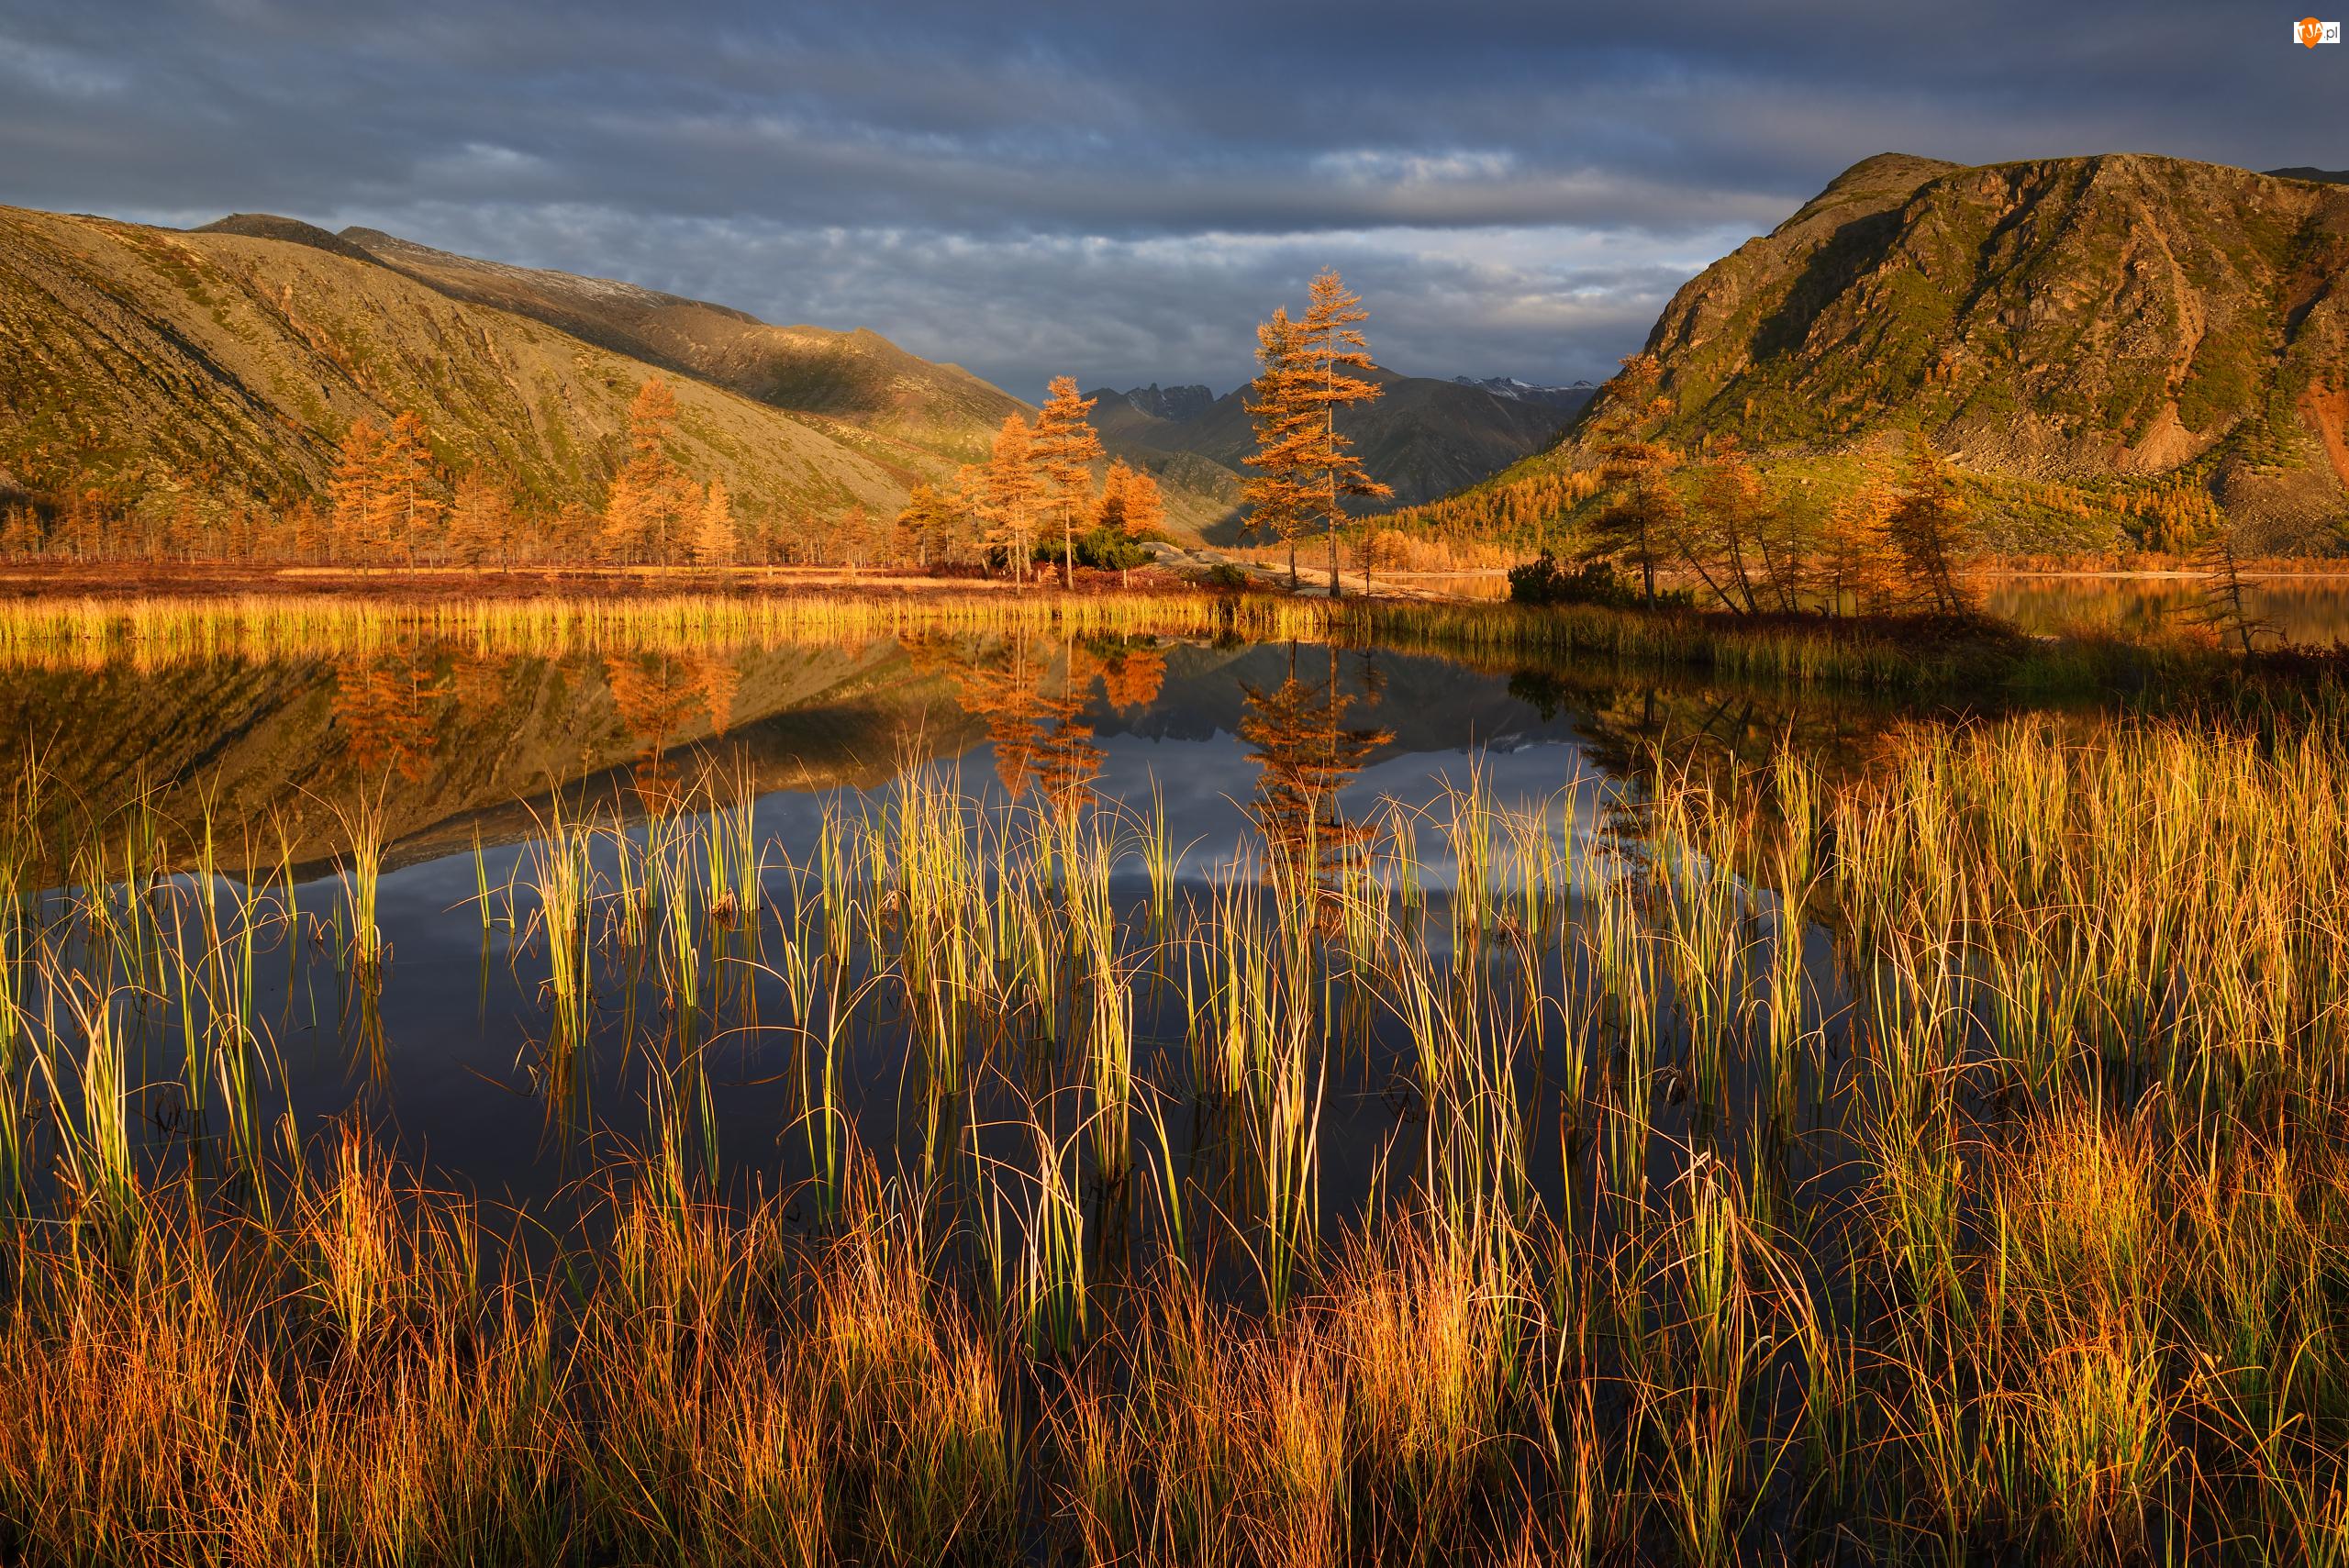 Jesień, Kolorowa, Kołyma, Szuwary, Jack London, Obwód magadański, Roślinność, Jezioro, Chmury, Góry, Rosja